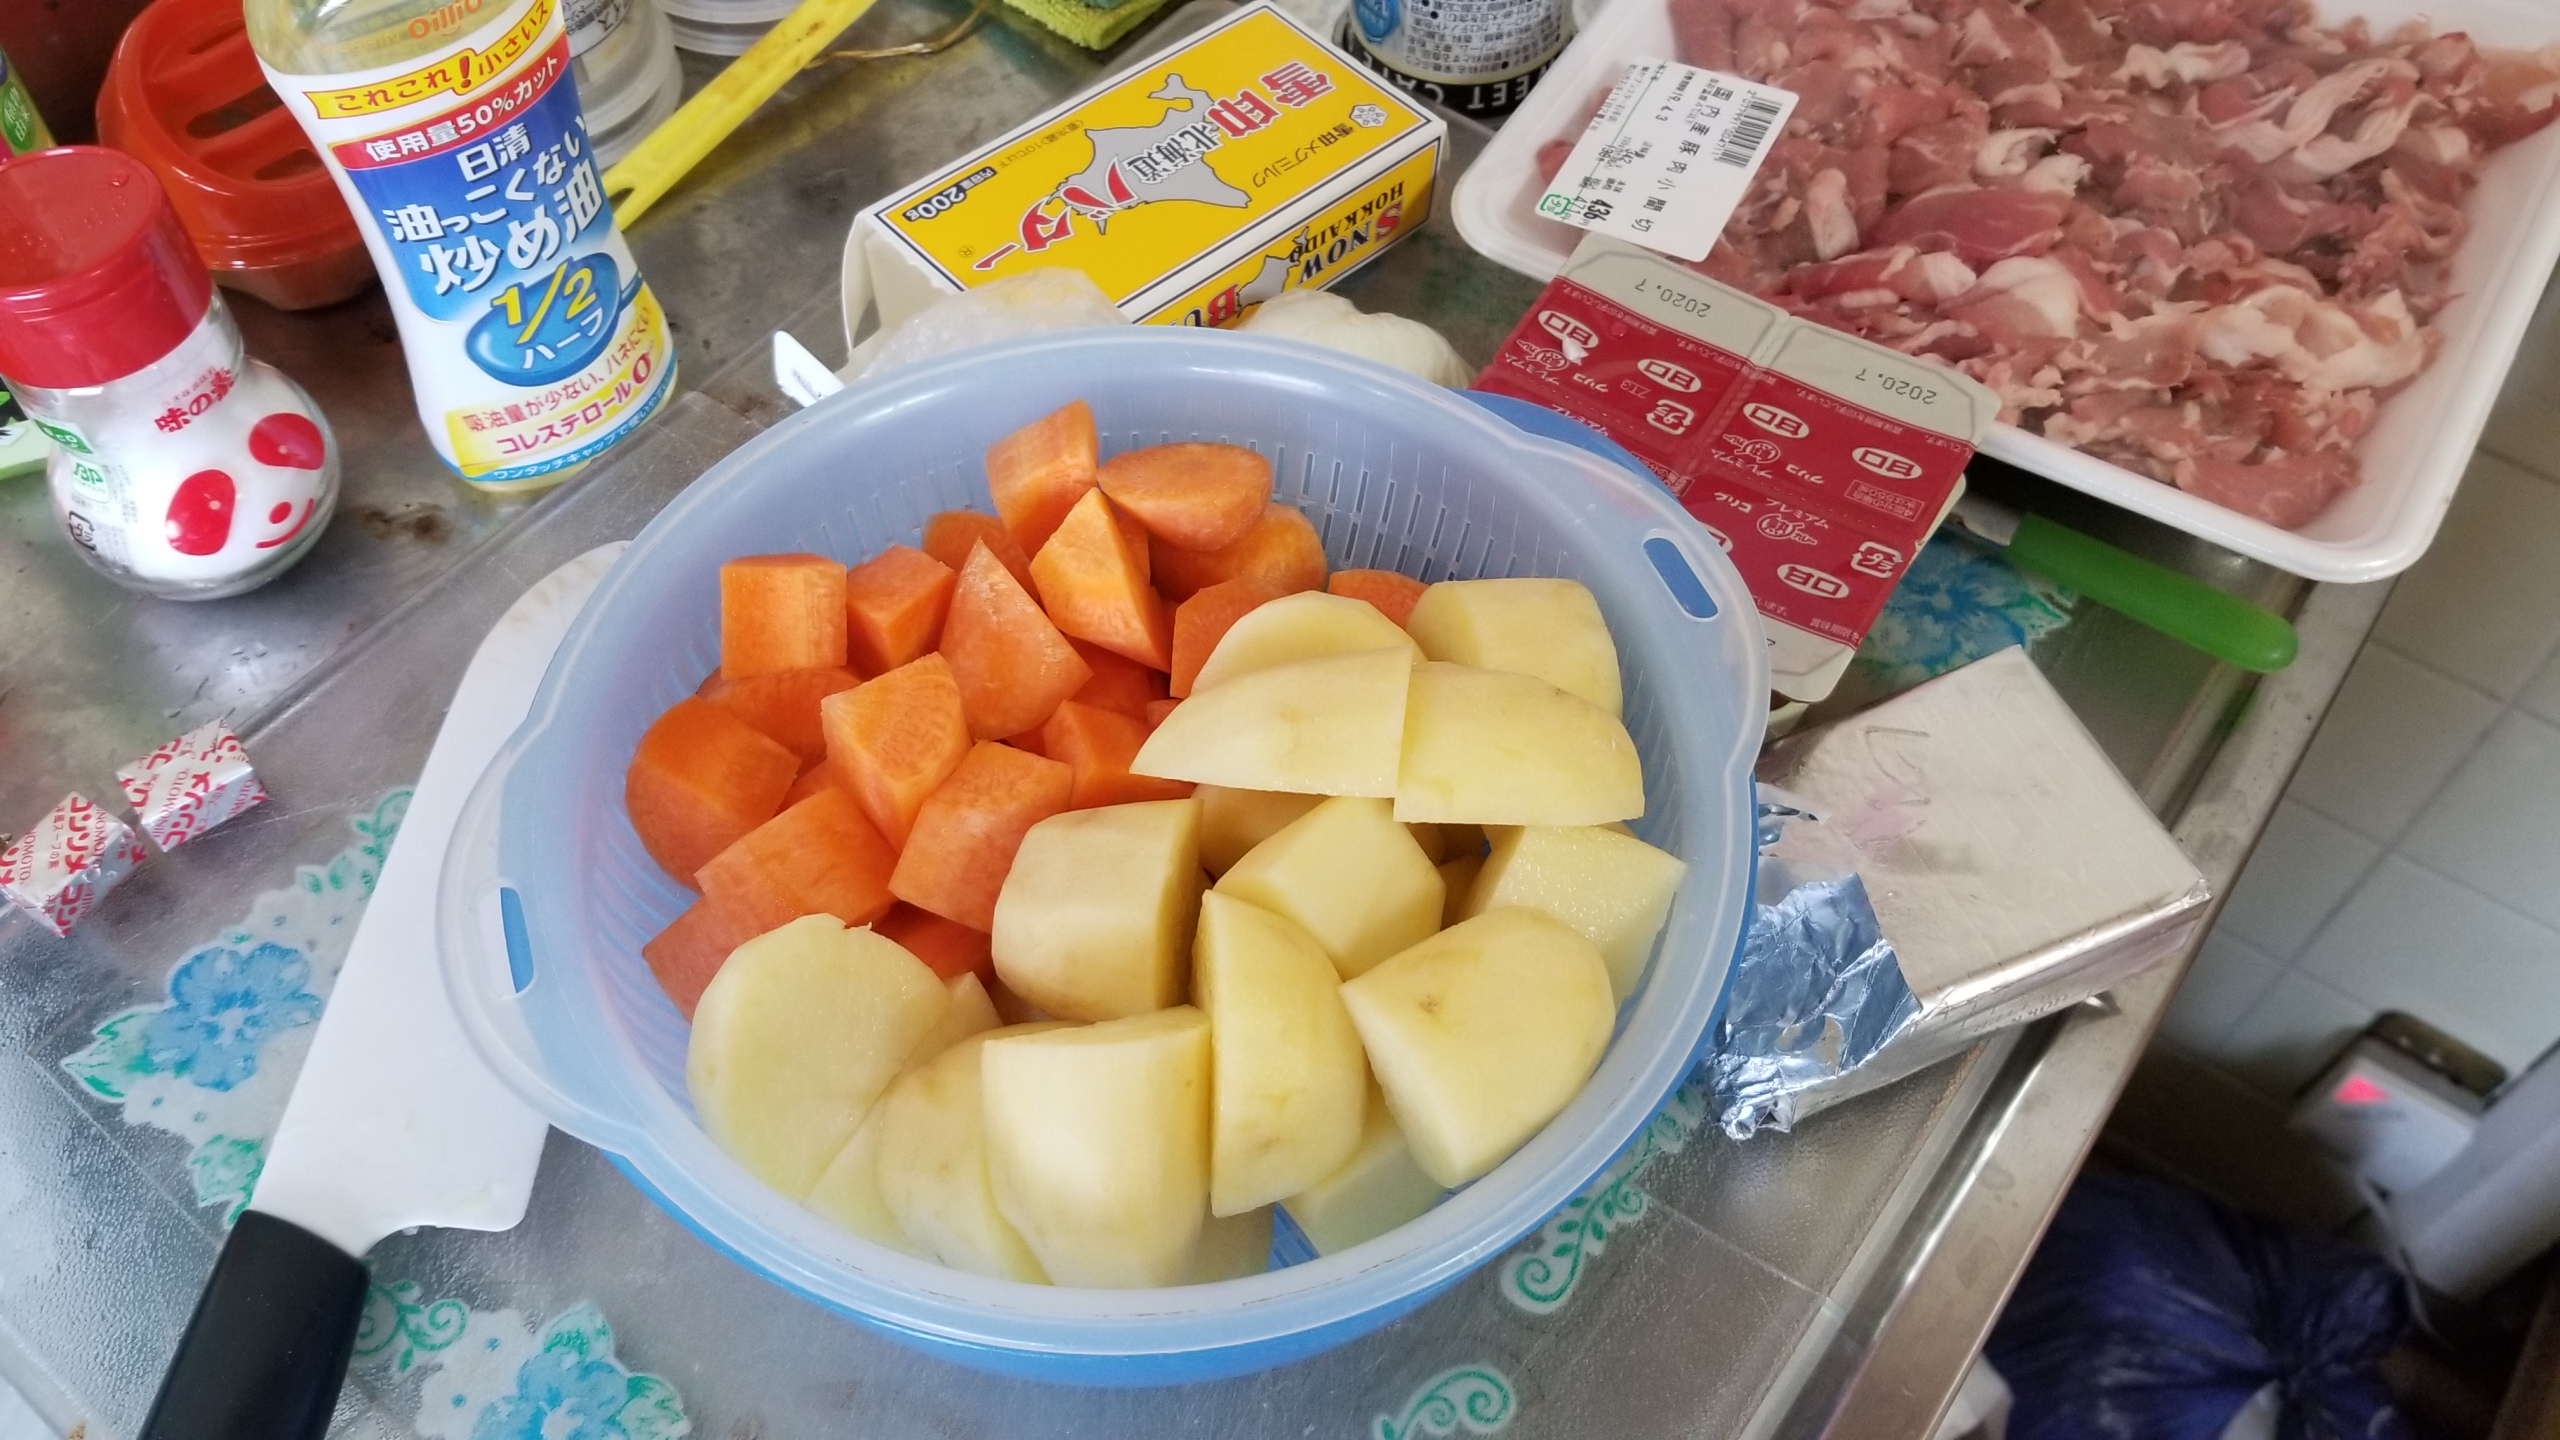 おいしい手作りカレー豚肉線維筋痛症の生活日常隠し味簡単料理コツ